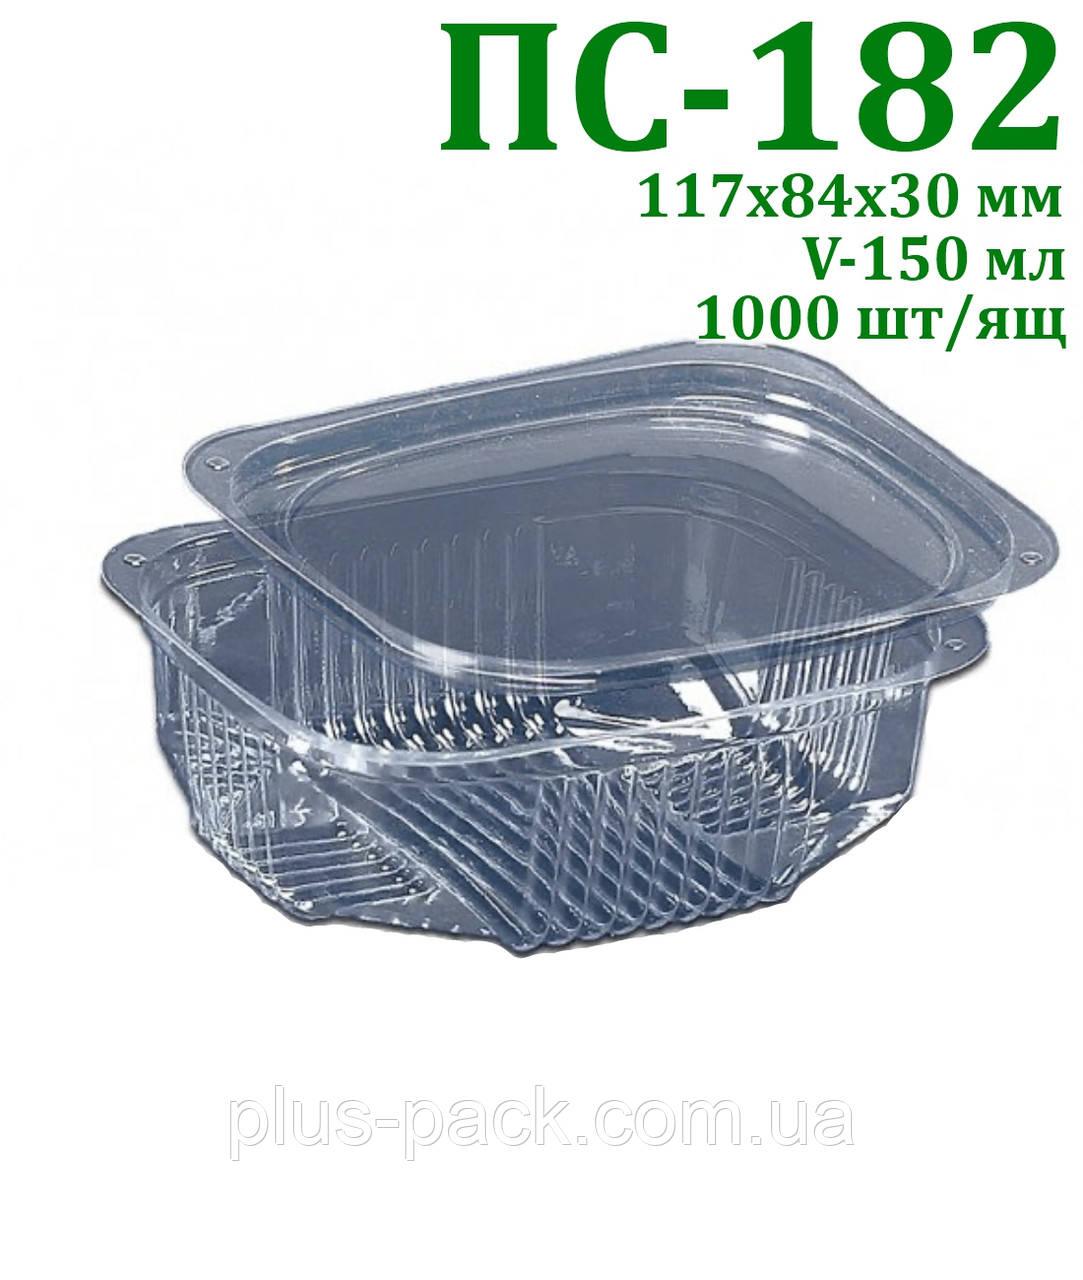 Контейнер для салатов и полуфабрикатов (150 мл), одноразовый